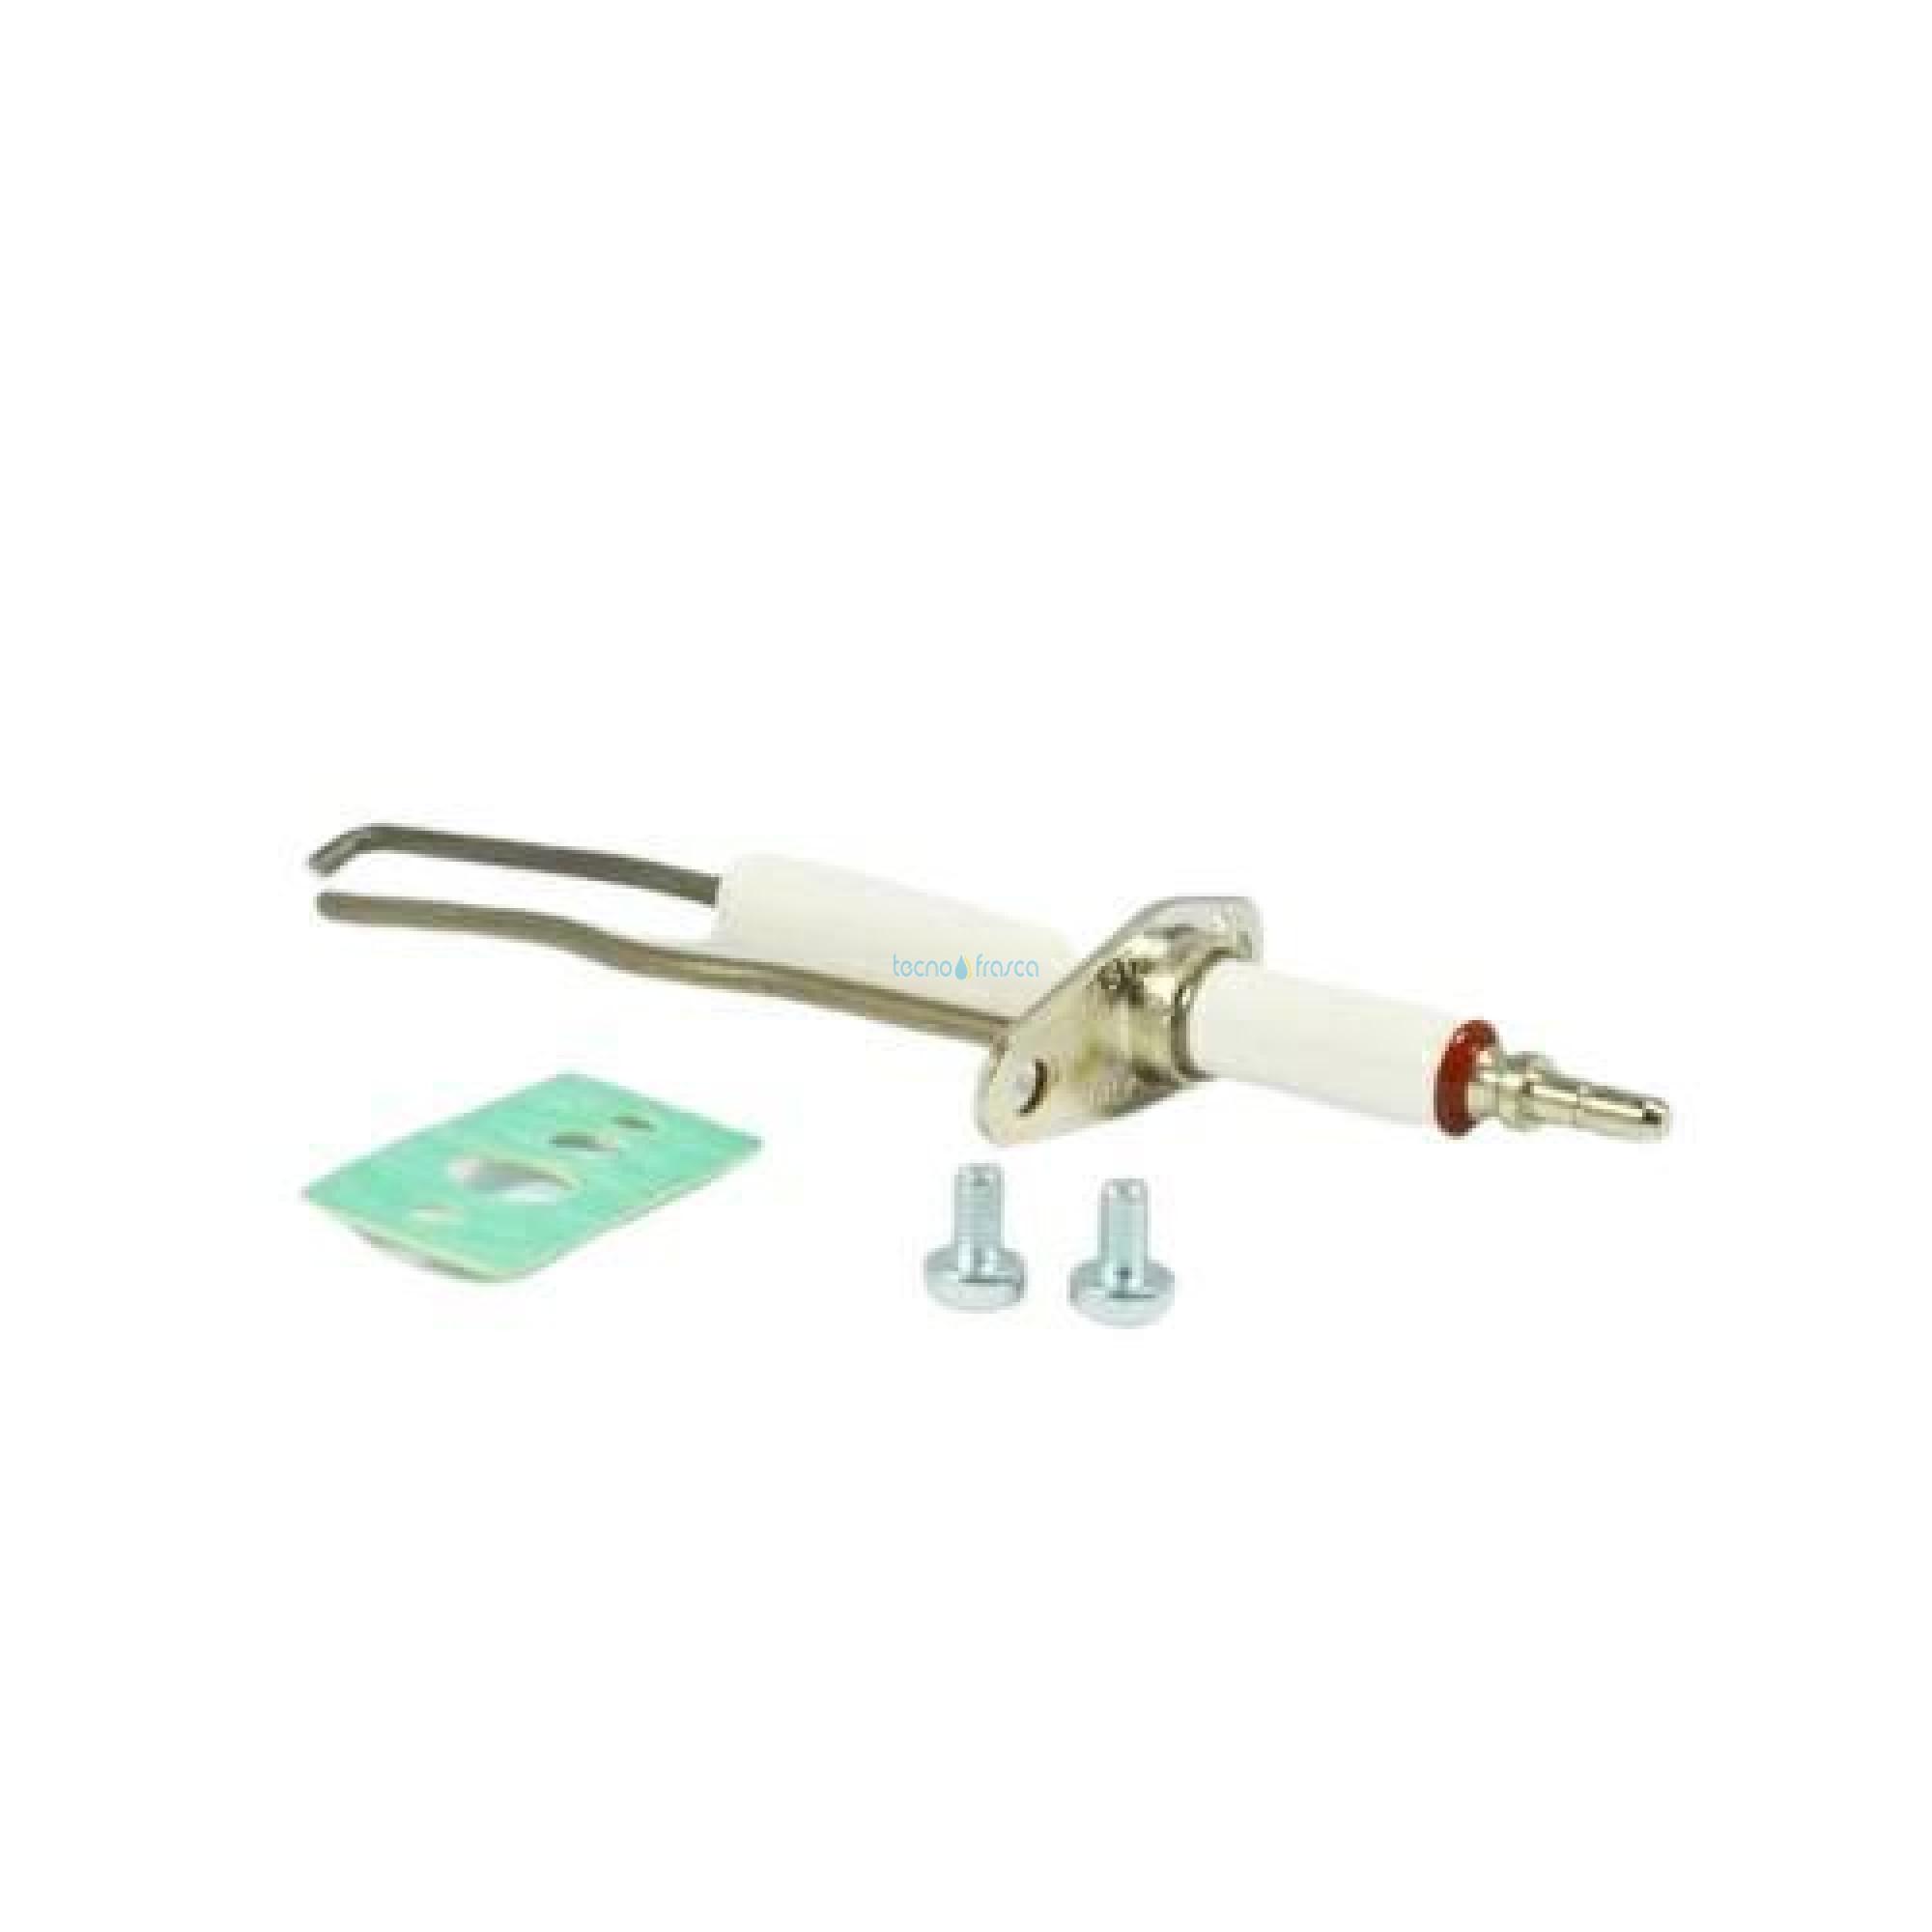 Beretta elettrodo di accensione rilevazione r10027620